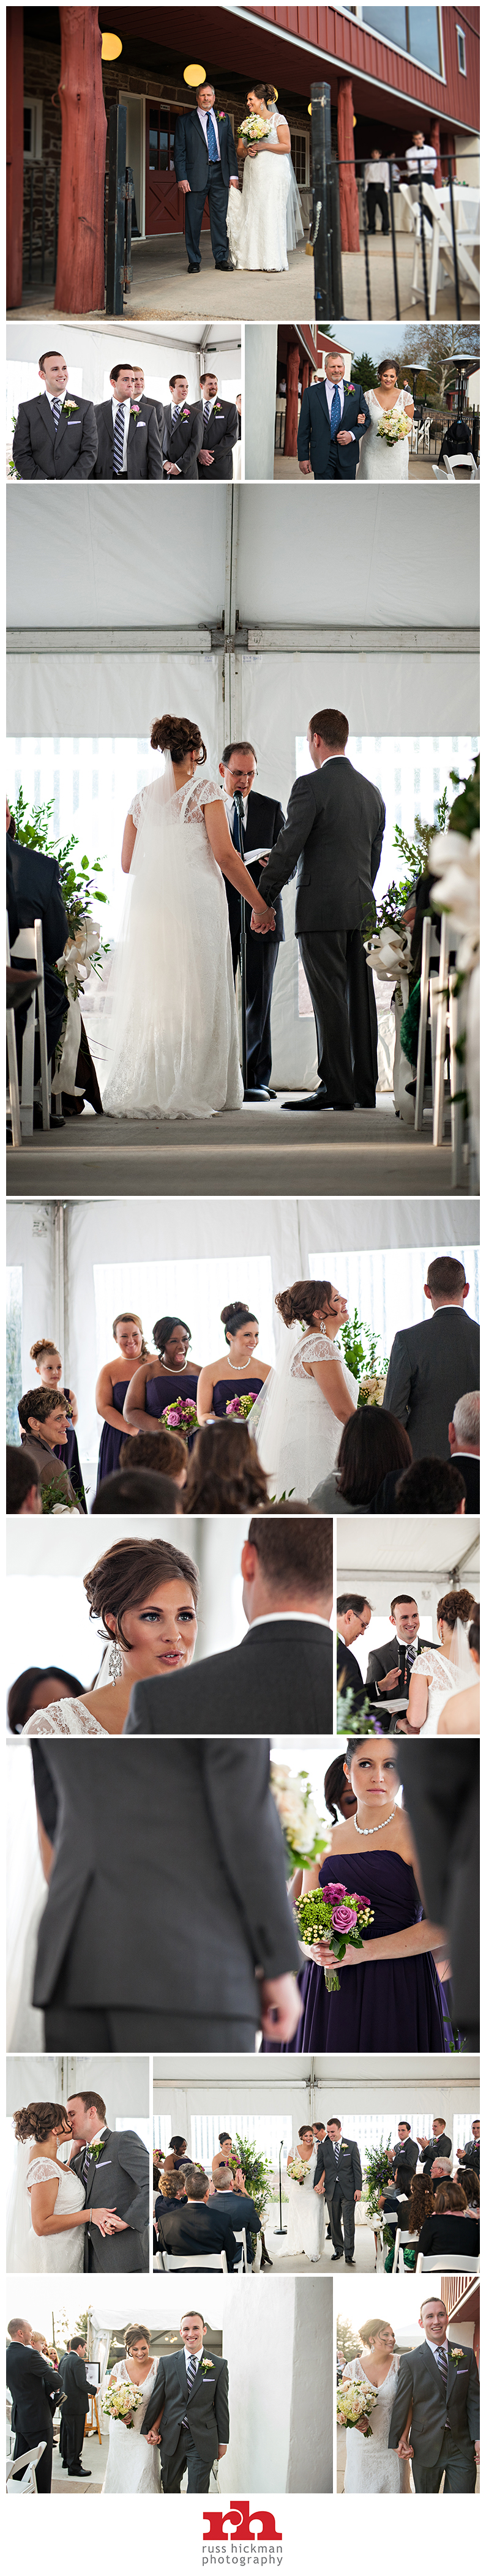 Philadelphia Wedding Photography LAWB0004